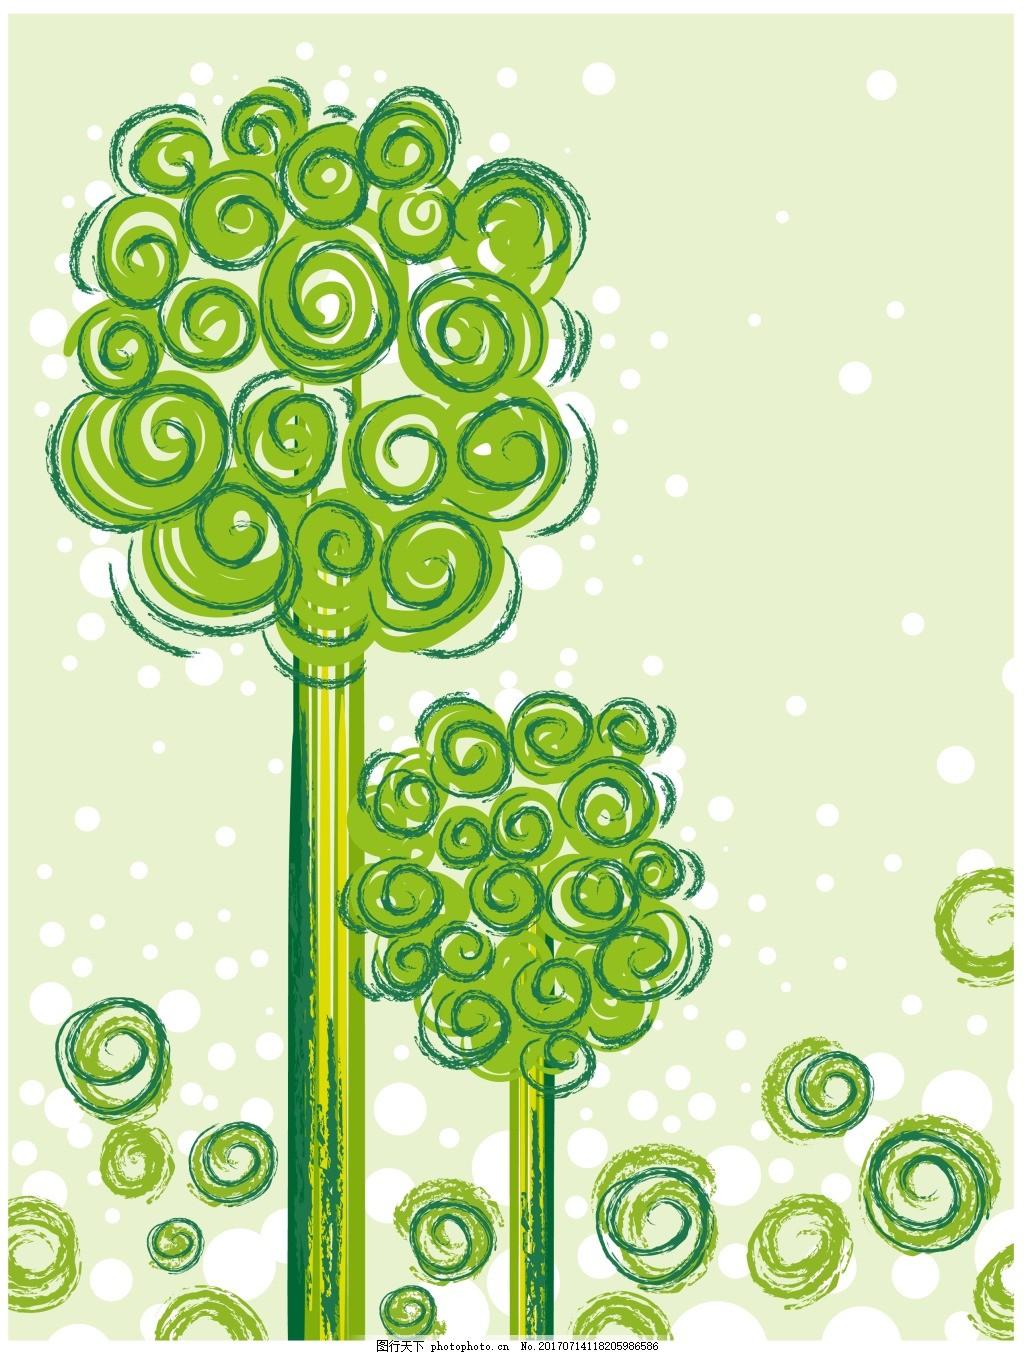 绿色时尚花纹图案 抽象花纹 服装 纹理 手绘花纹 欧美花纹 花纹背景